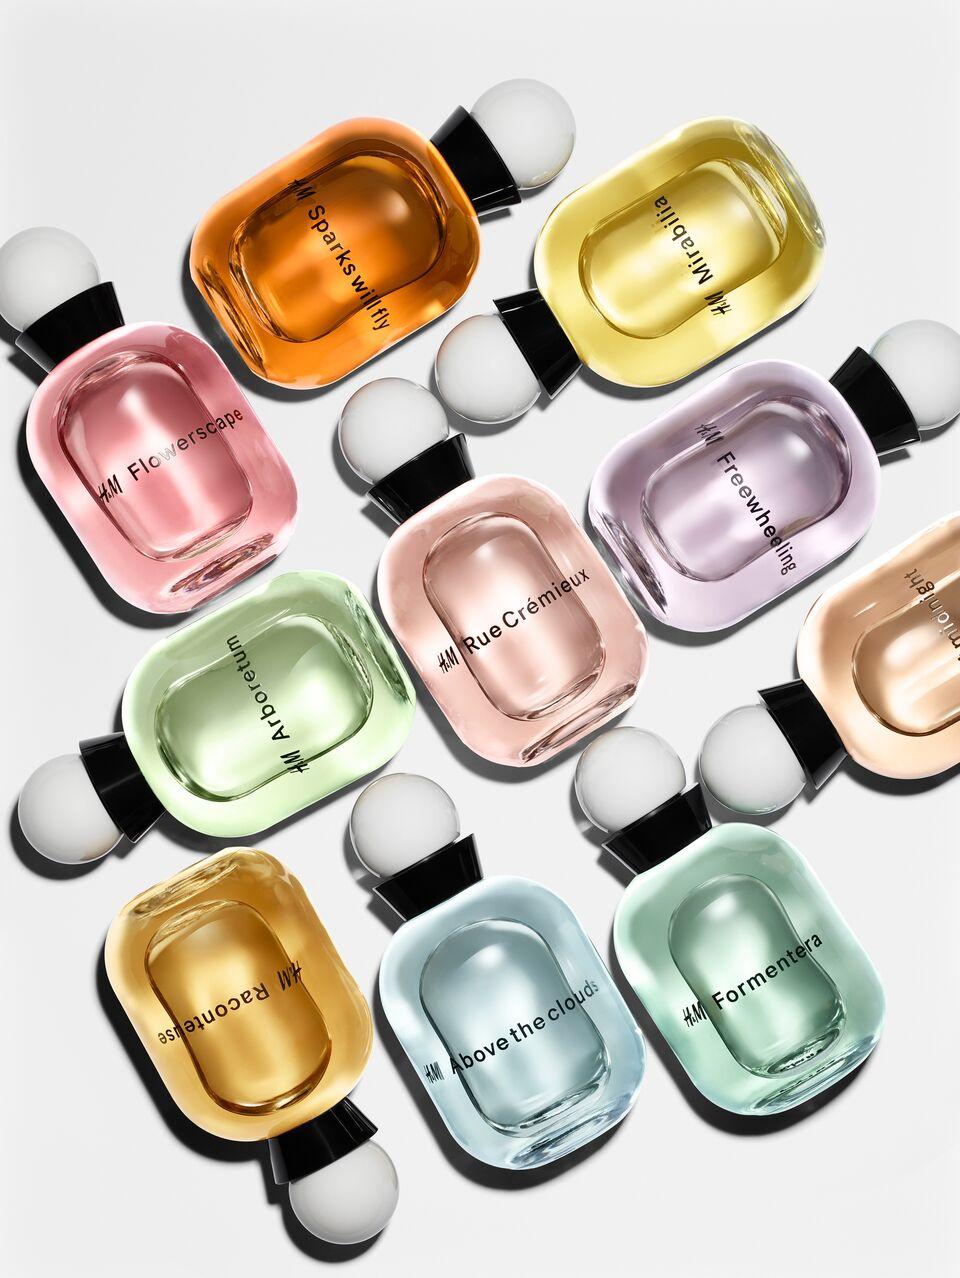 Megérkezett a H&M első parfümkollekciója! - 25 egyedi illat a világ egyik vezető parfümházától